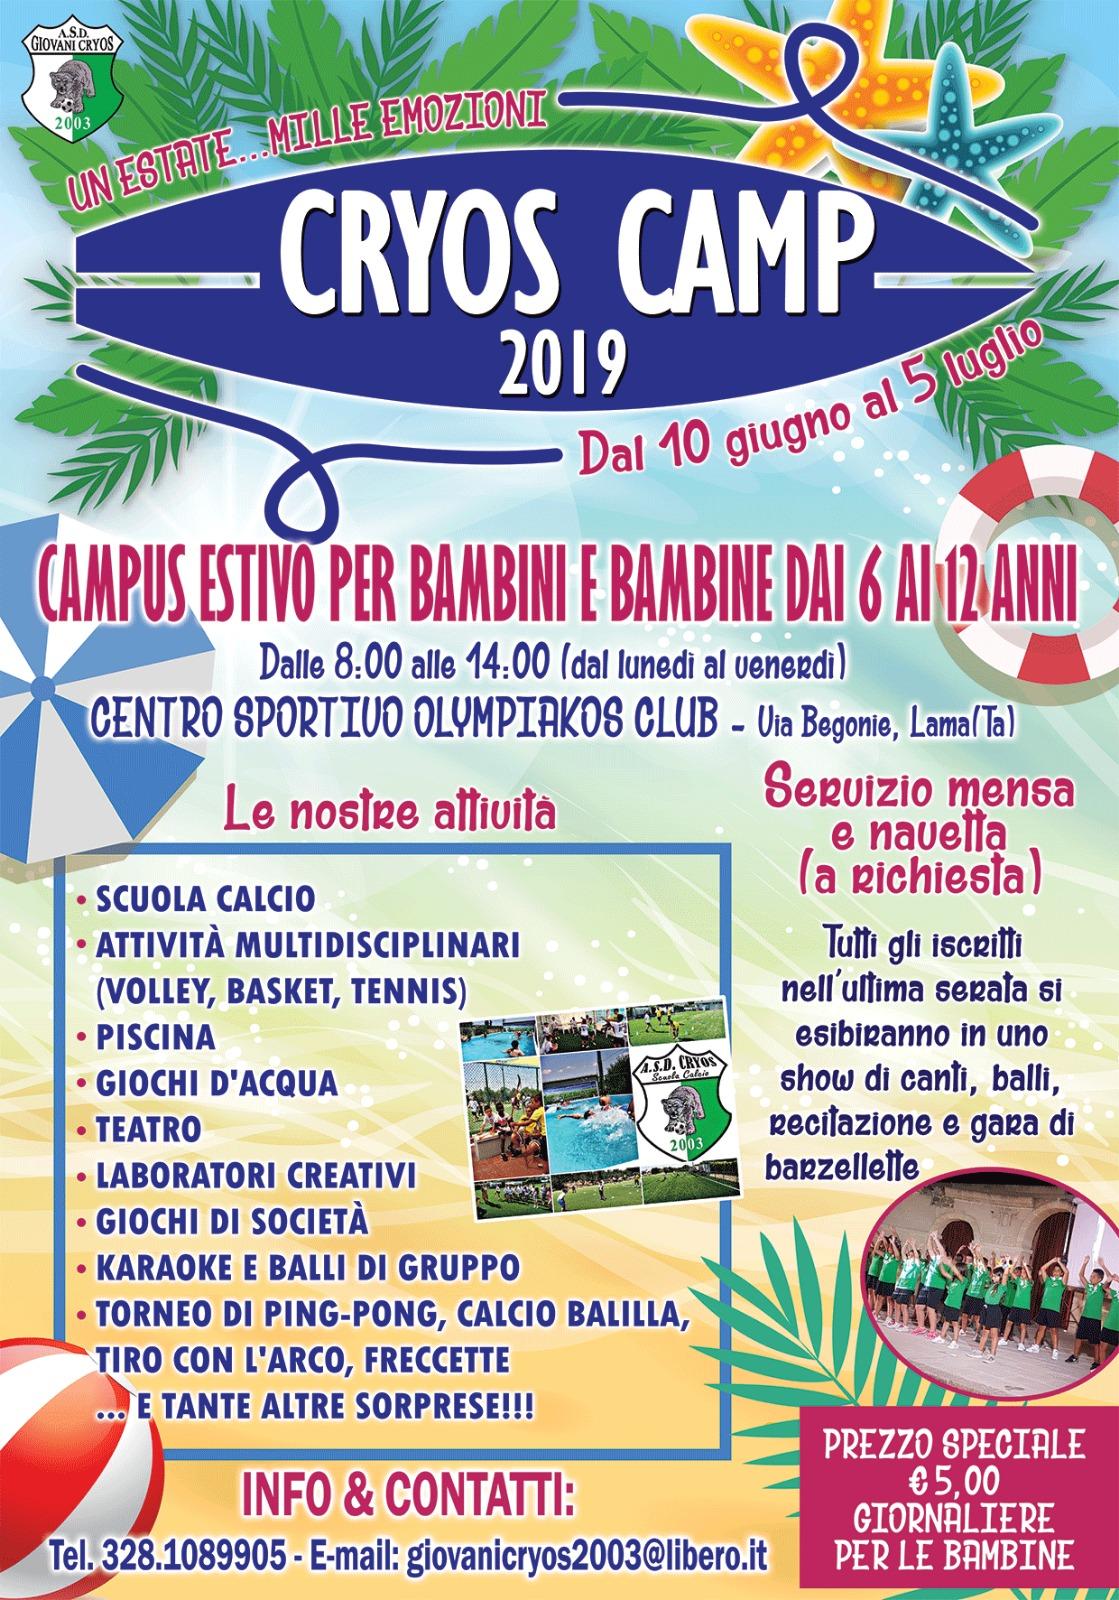 Locandina Cryos Camp 2019